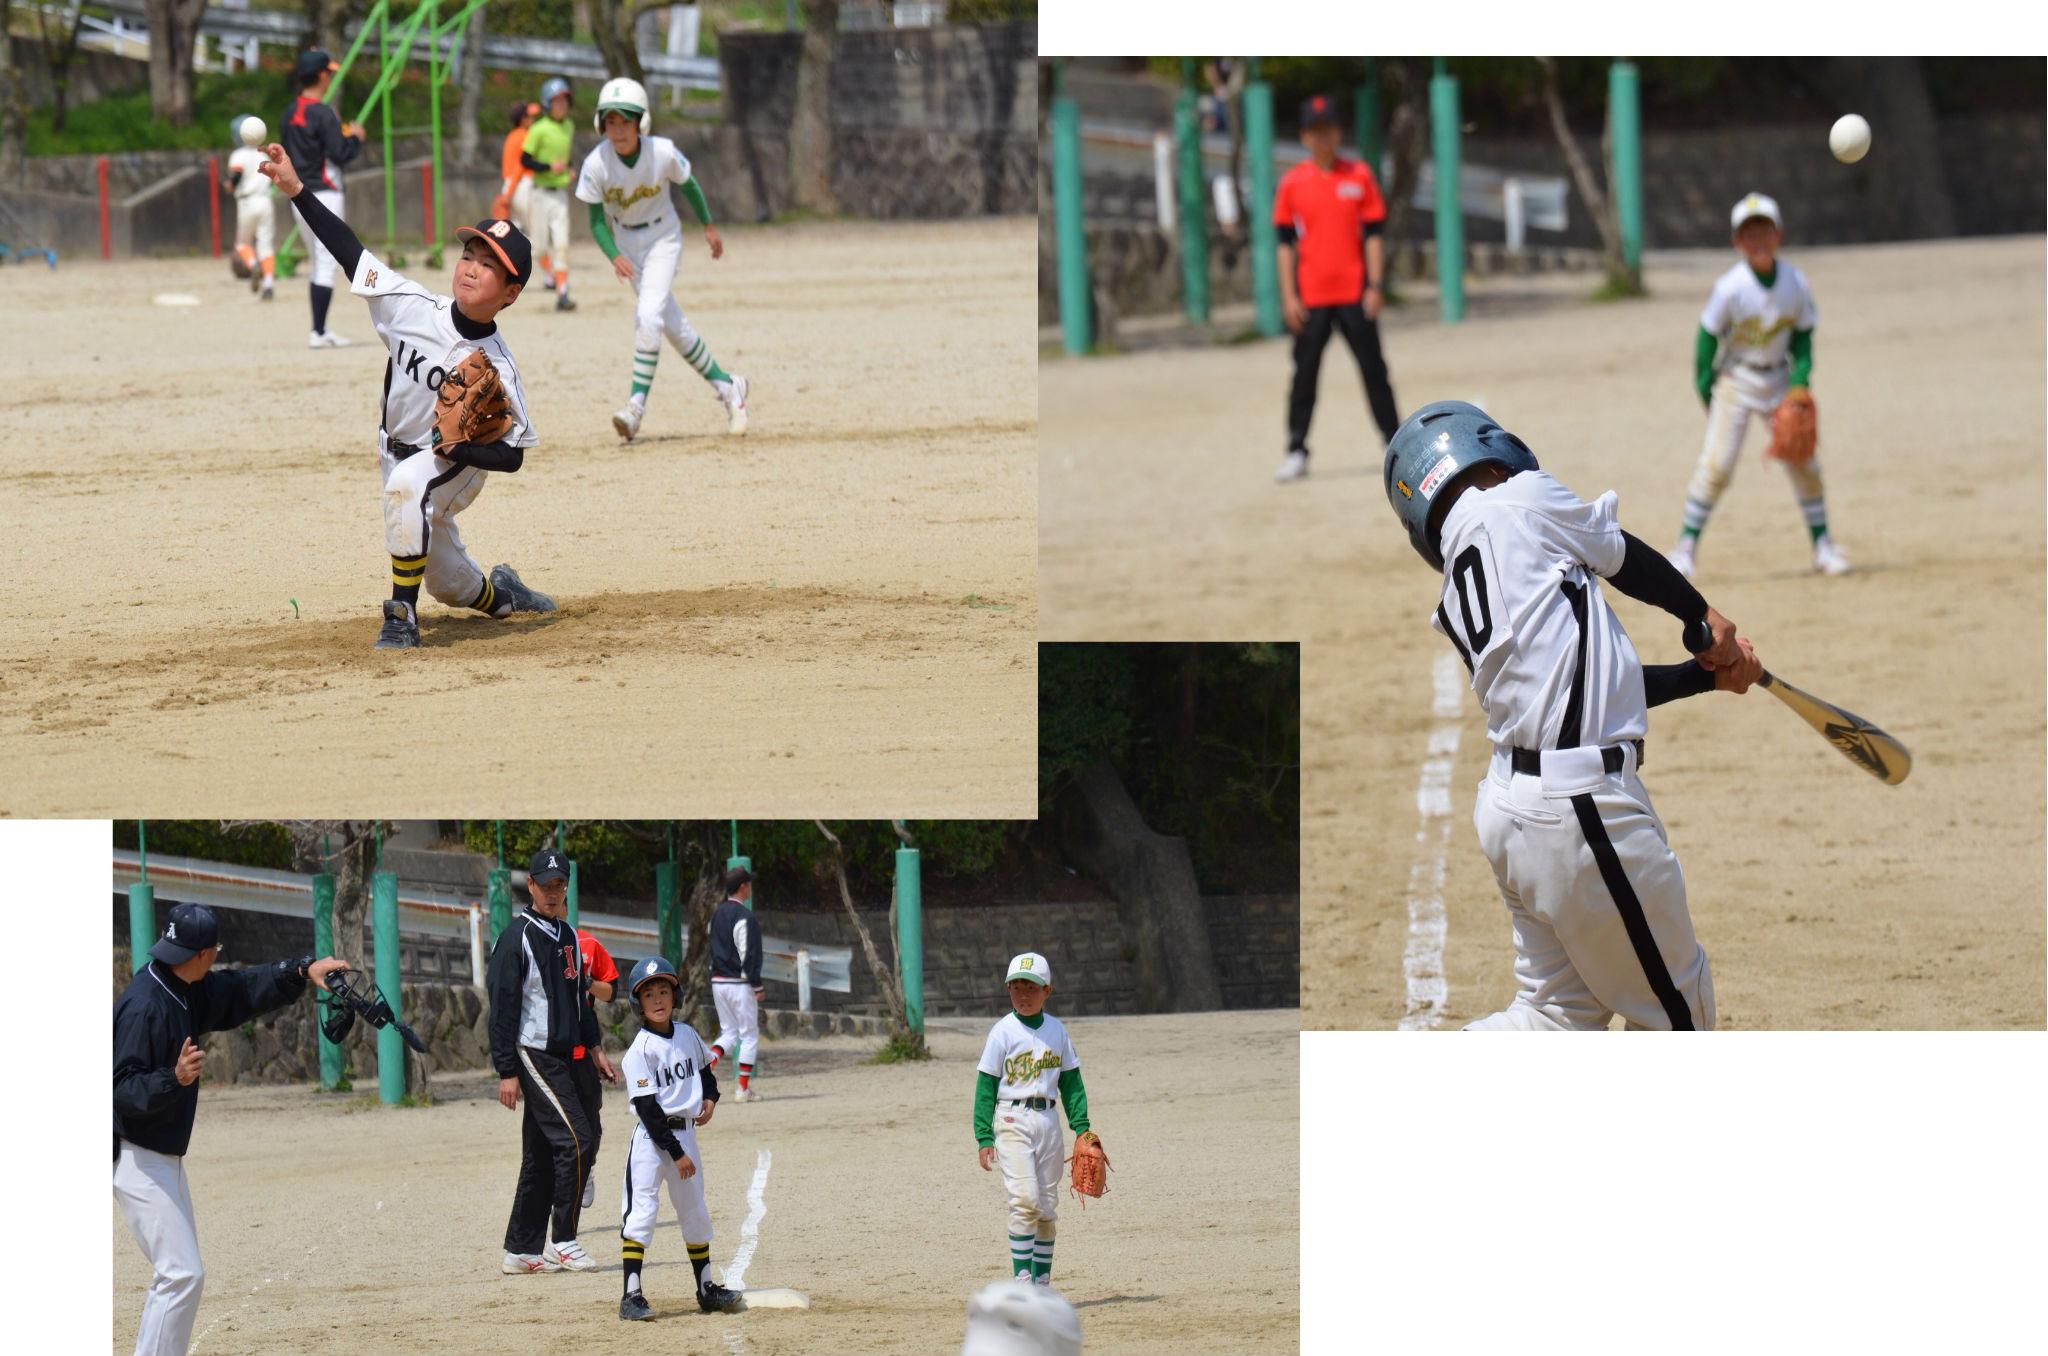 Bチーム 4/9(土) 奈良東ロータリークラブ杯_b0296154_1063992.jpg